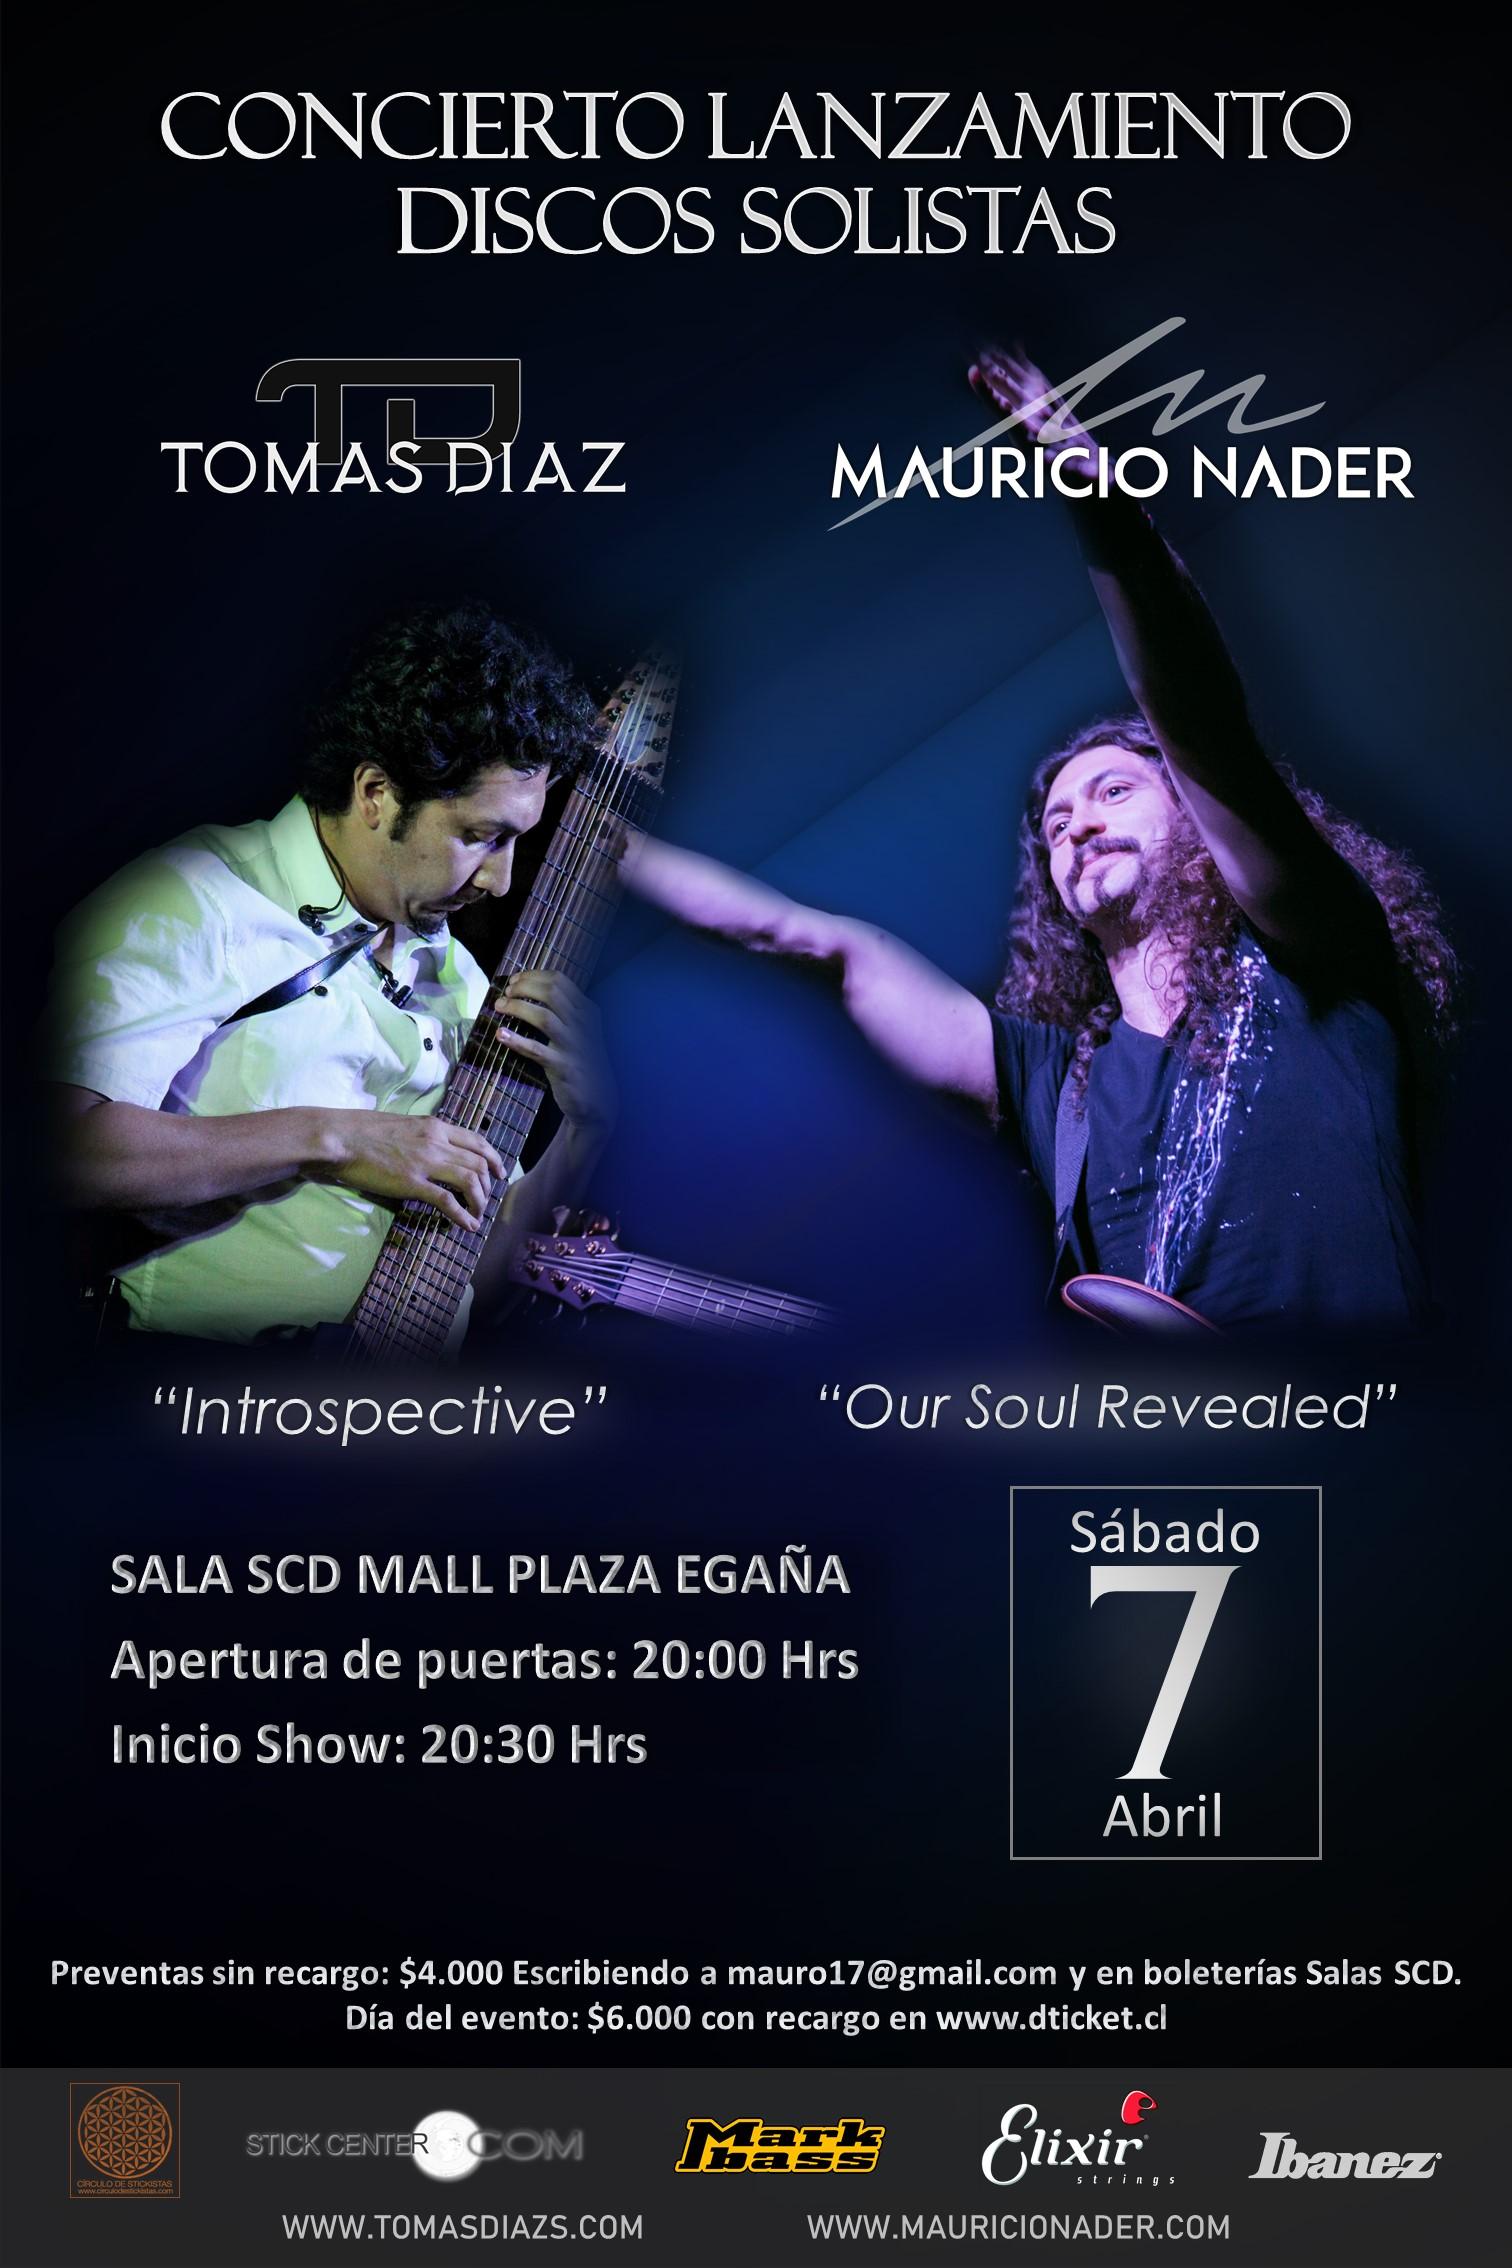 Afiche Lanzamiento Nader - Díaz SCD 7 abr 2018.jpg